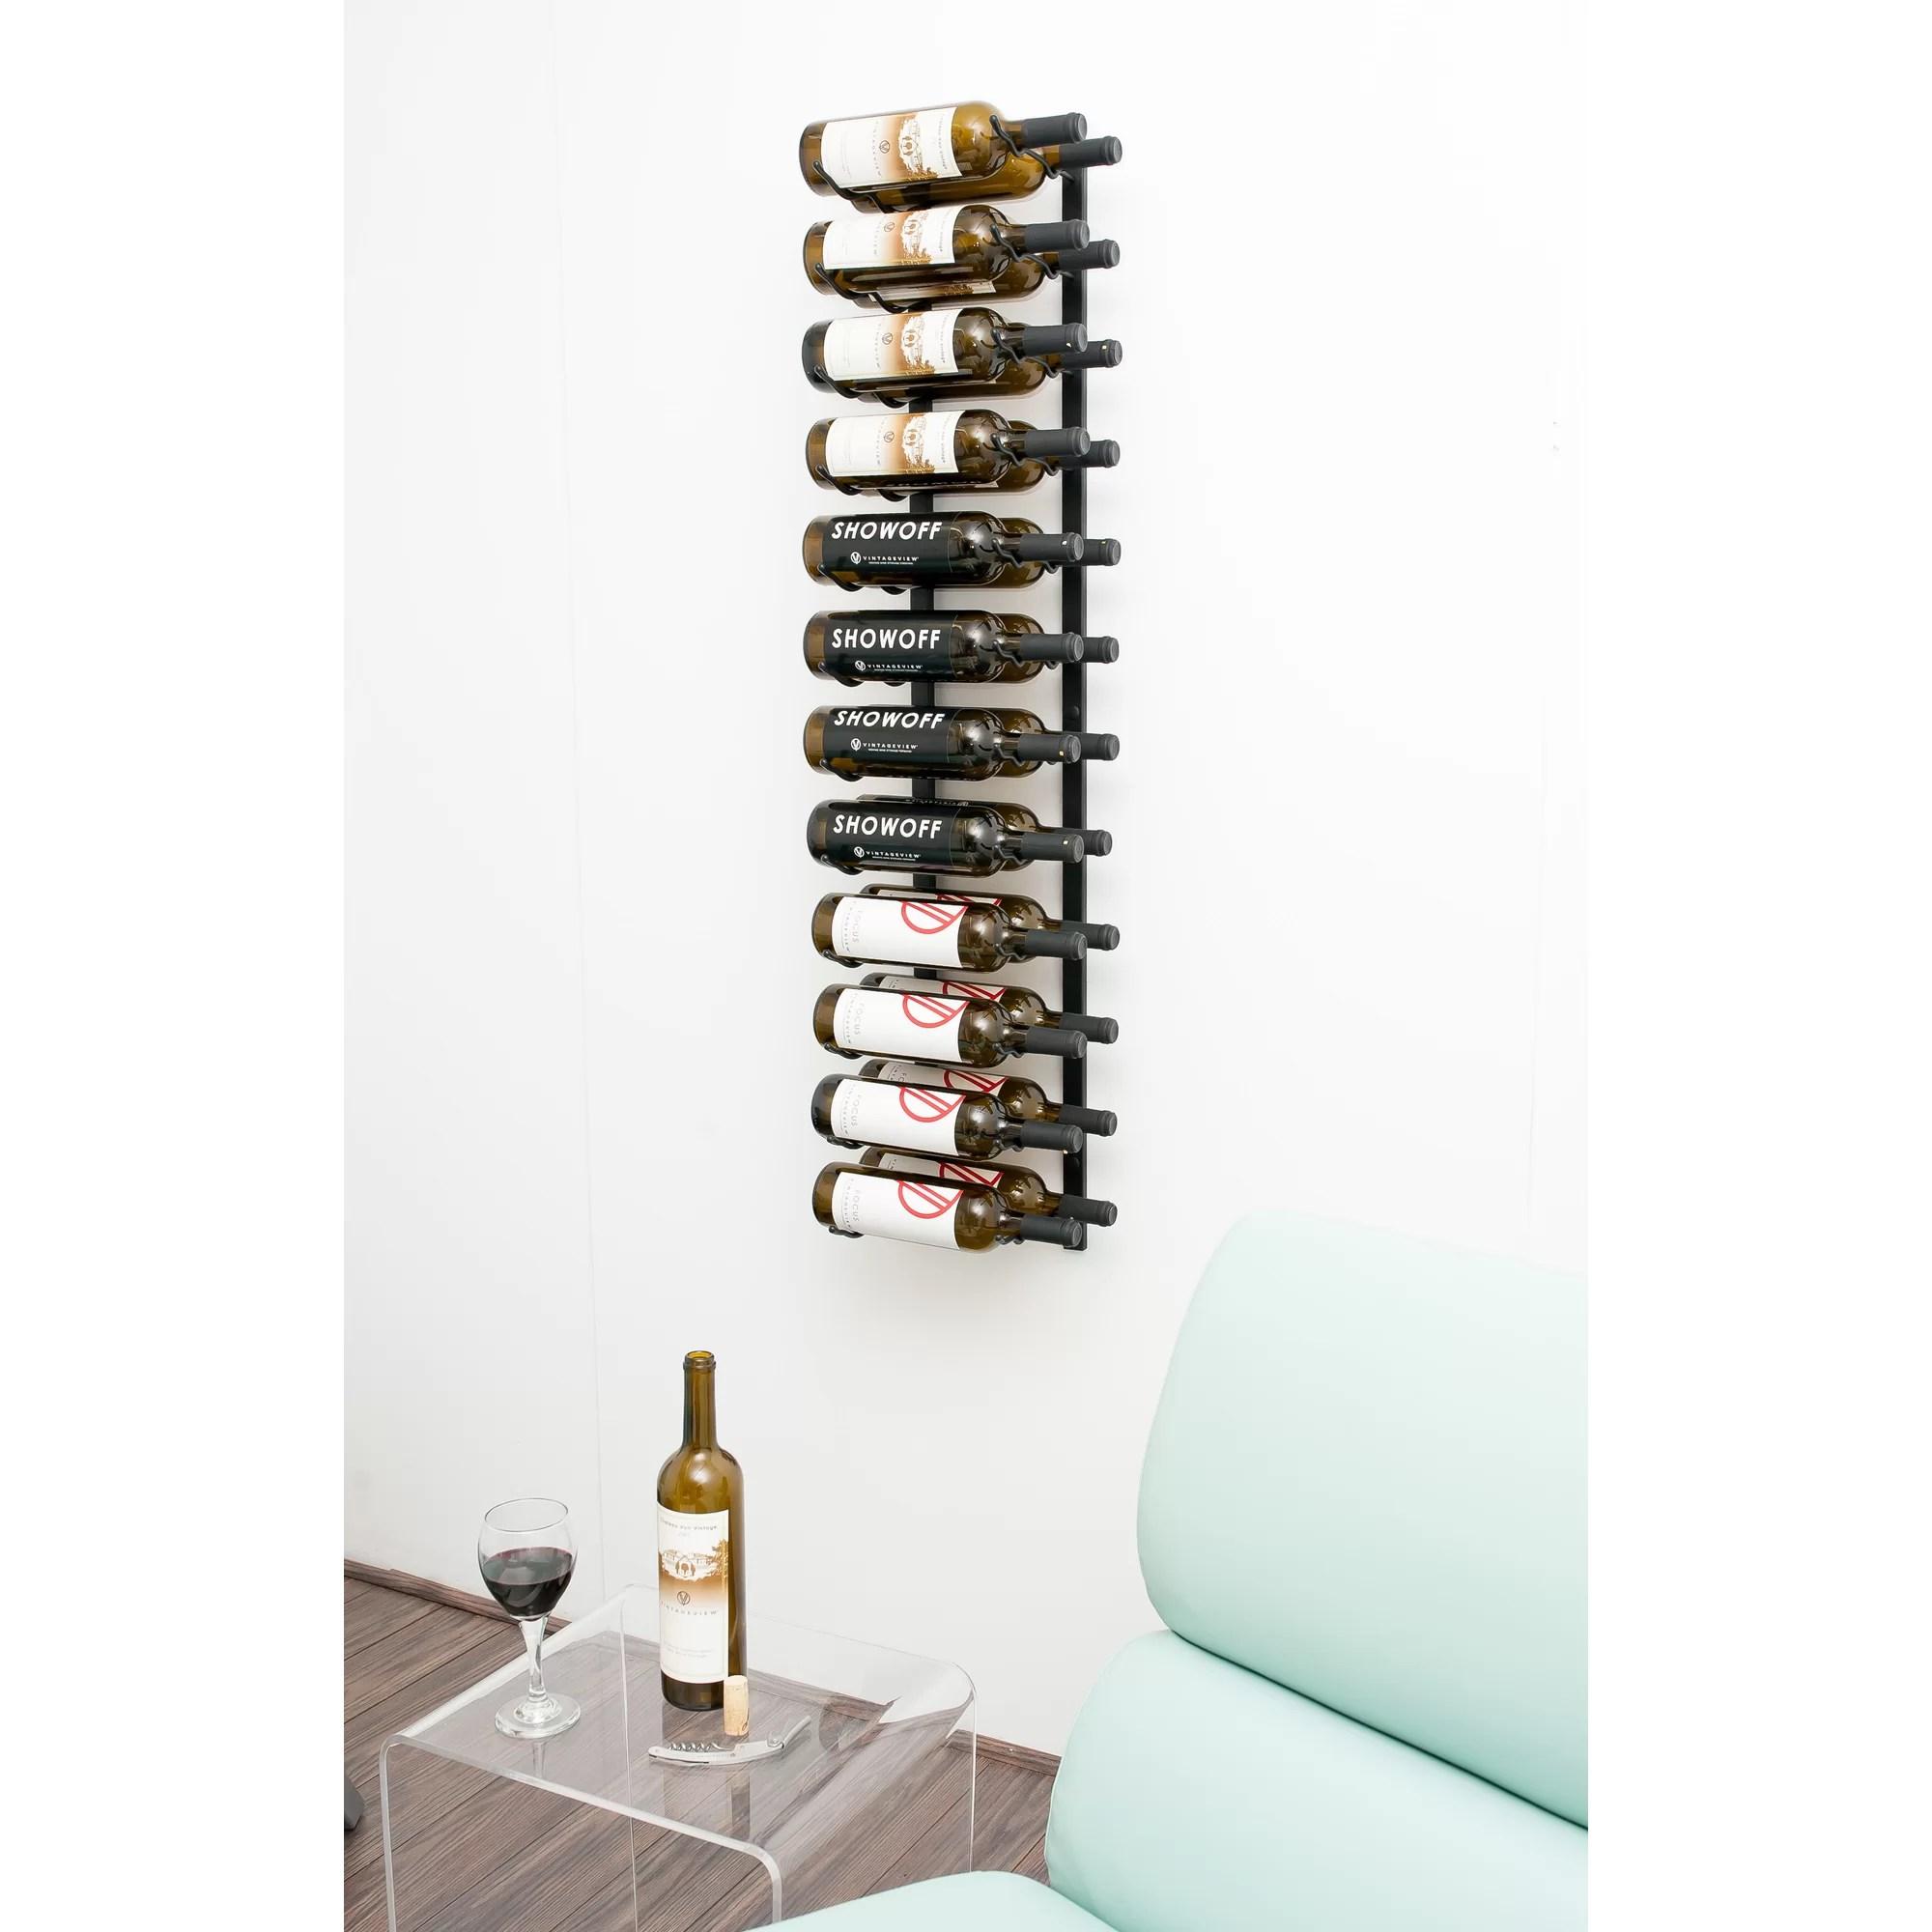 VintageView Wall Series 24 Bottle Wall Mounted Wine Rack  Reviews  Wayfair